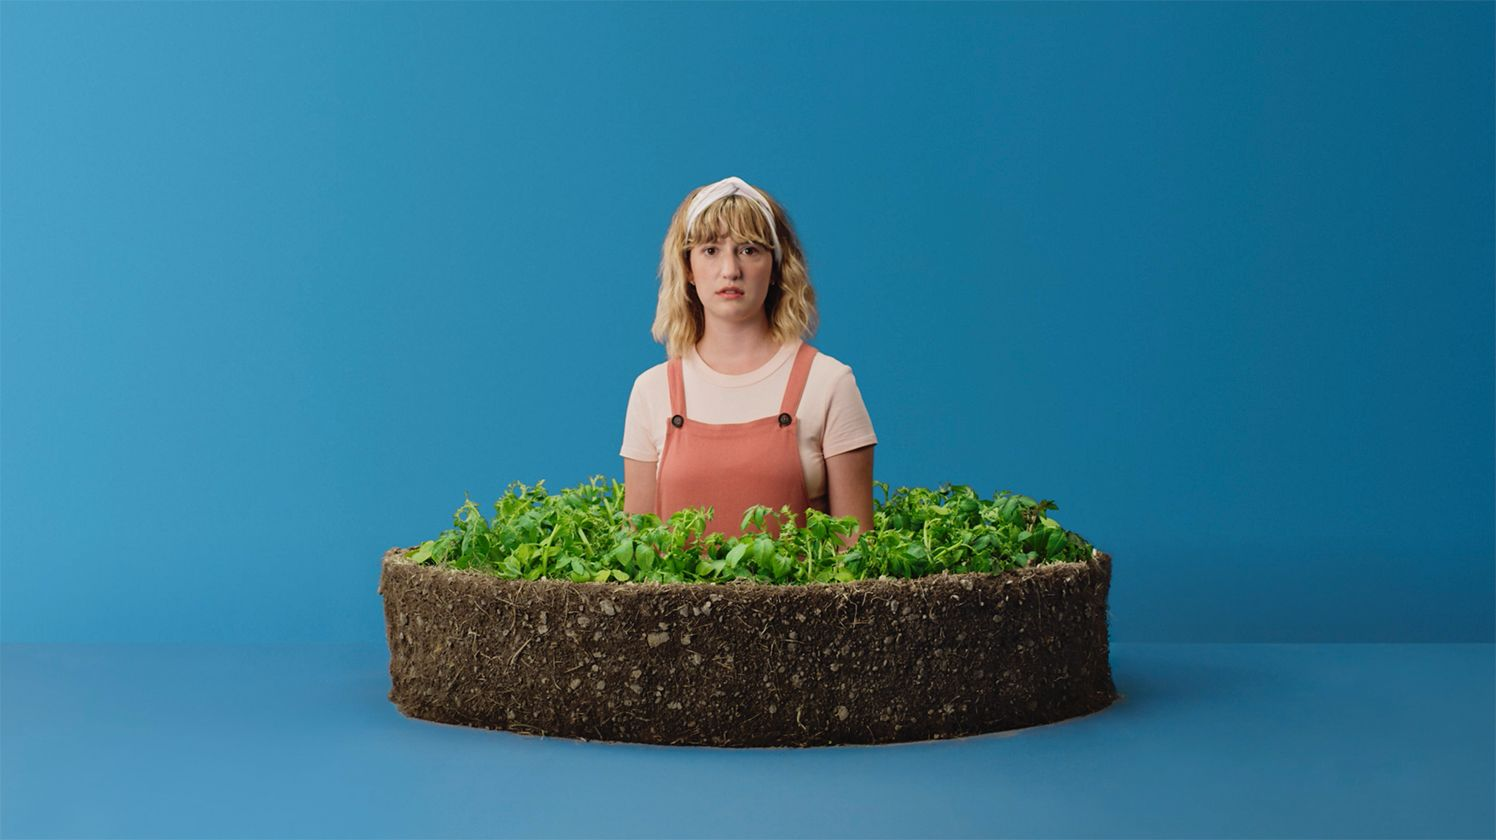 Photo d'une fille qui parle de patates devant un fond bleu.